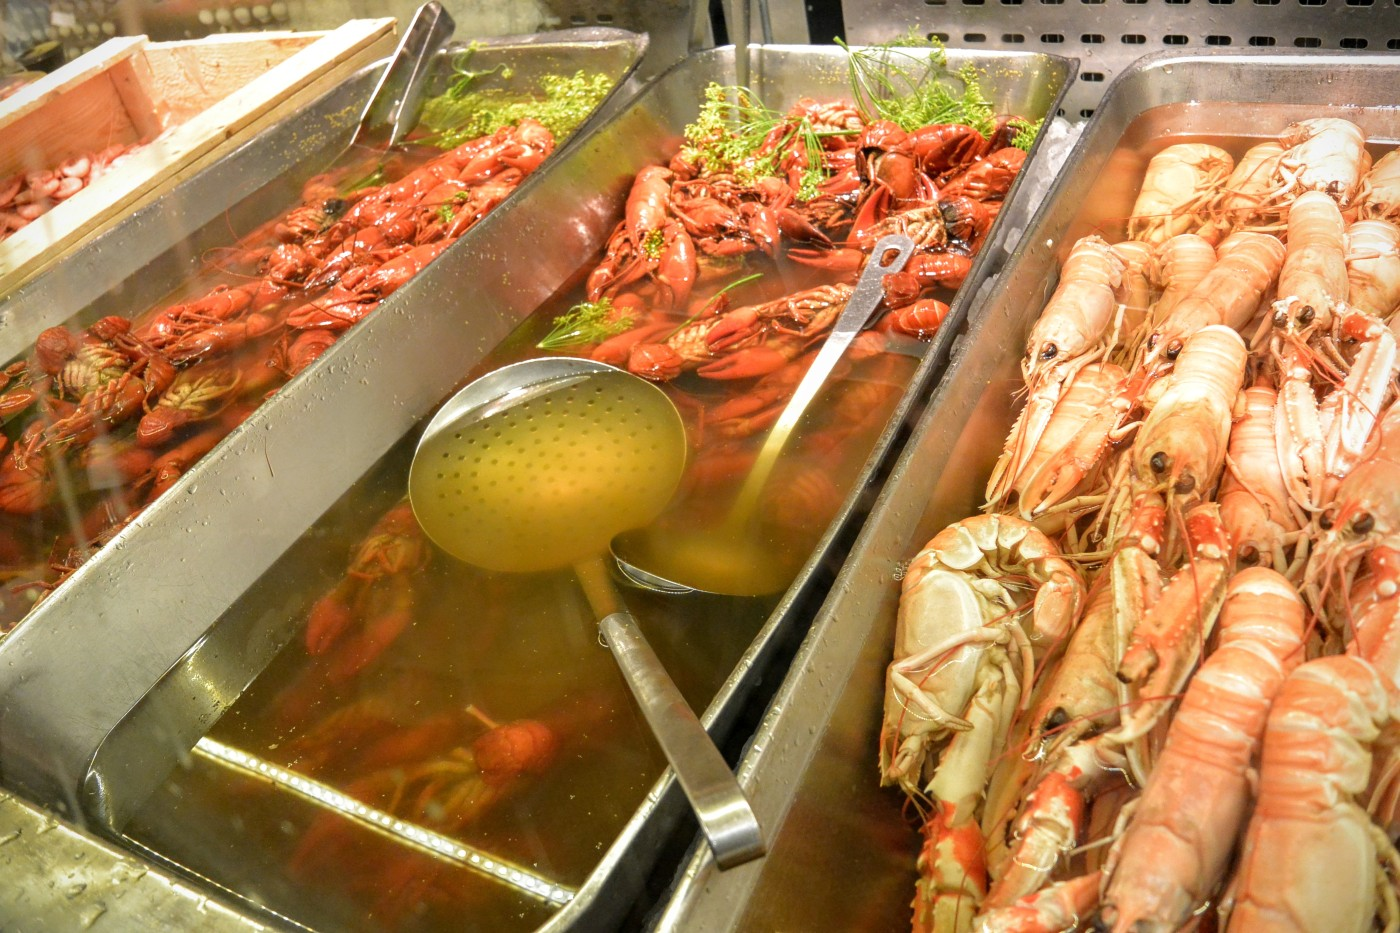 Some crayfish at Hötorgshallen